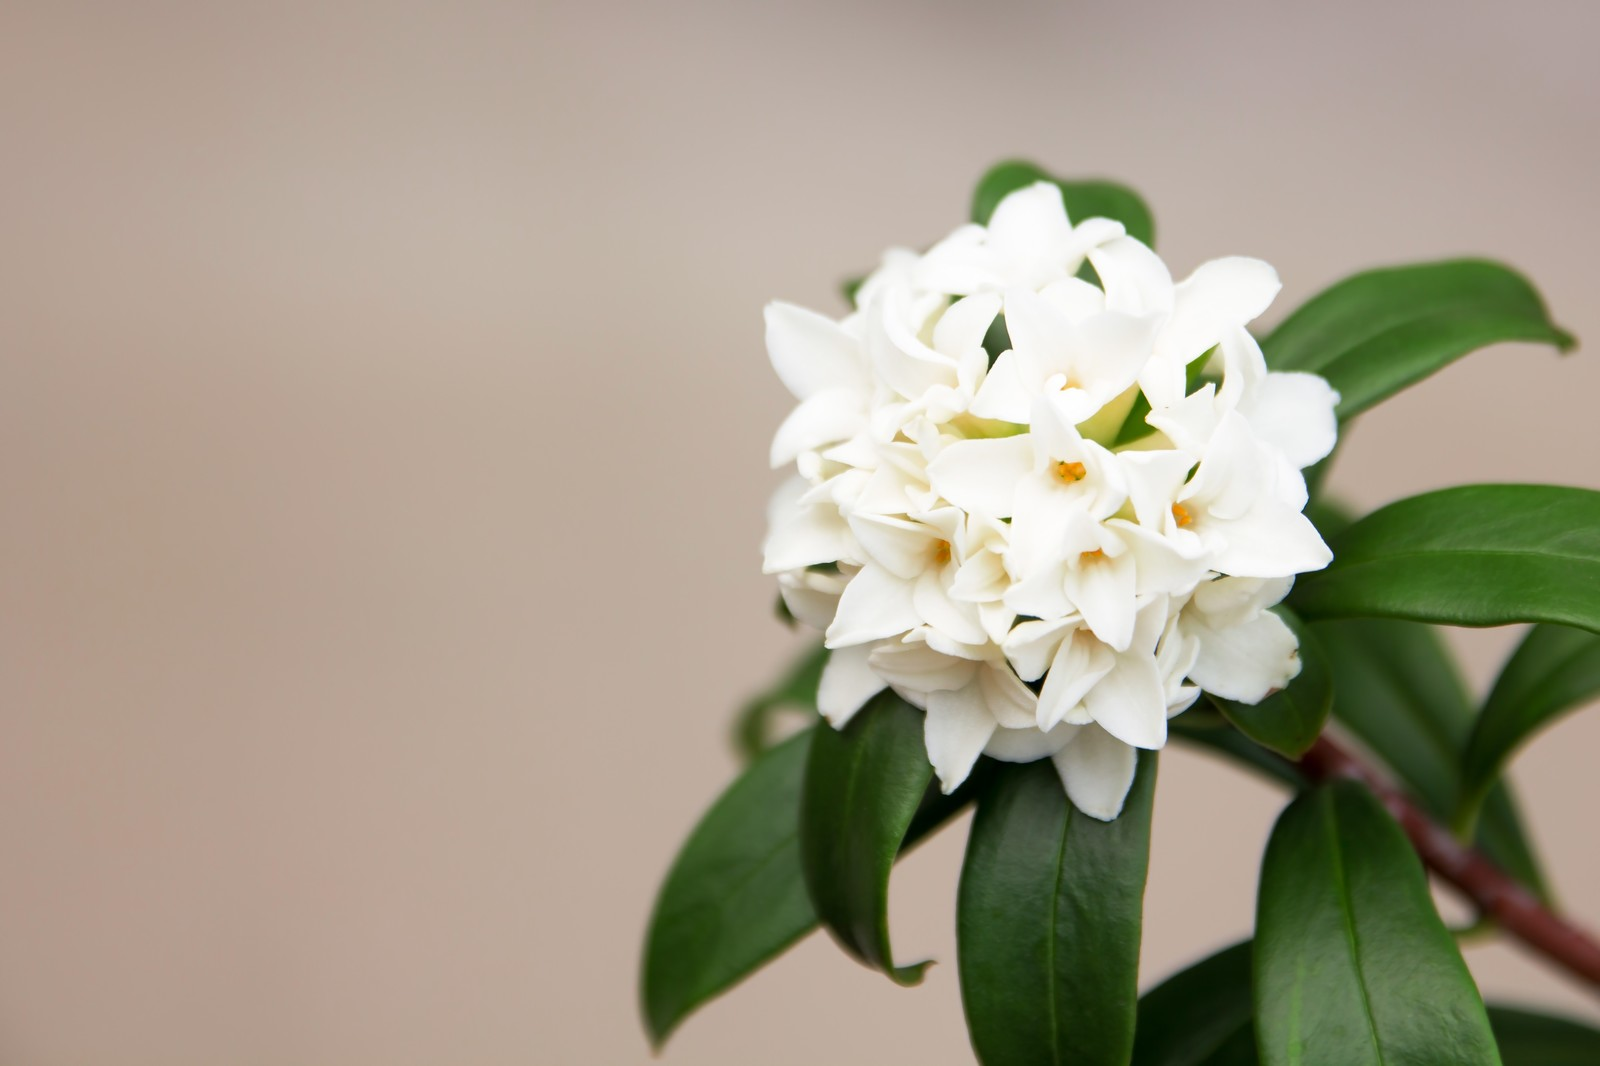 「沈丁花沈丁花」のフリー写真素材